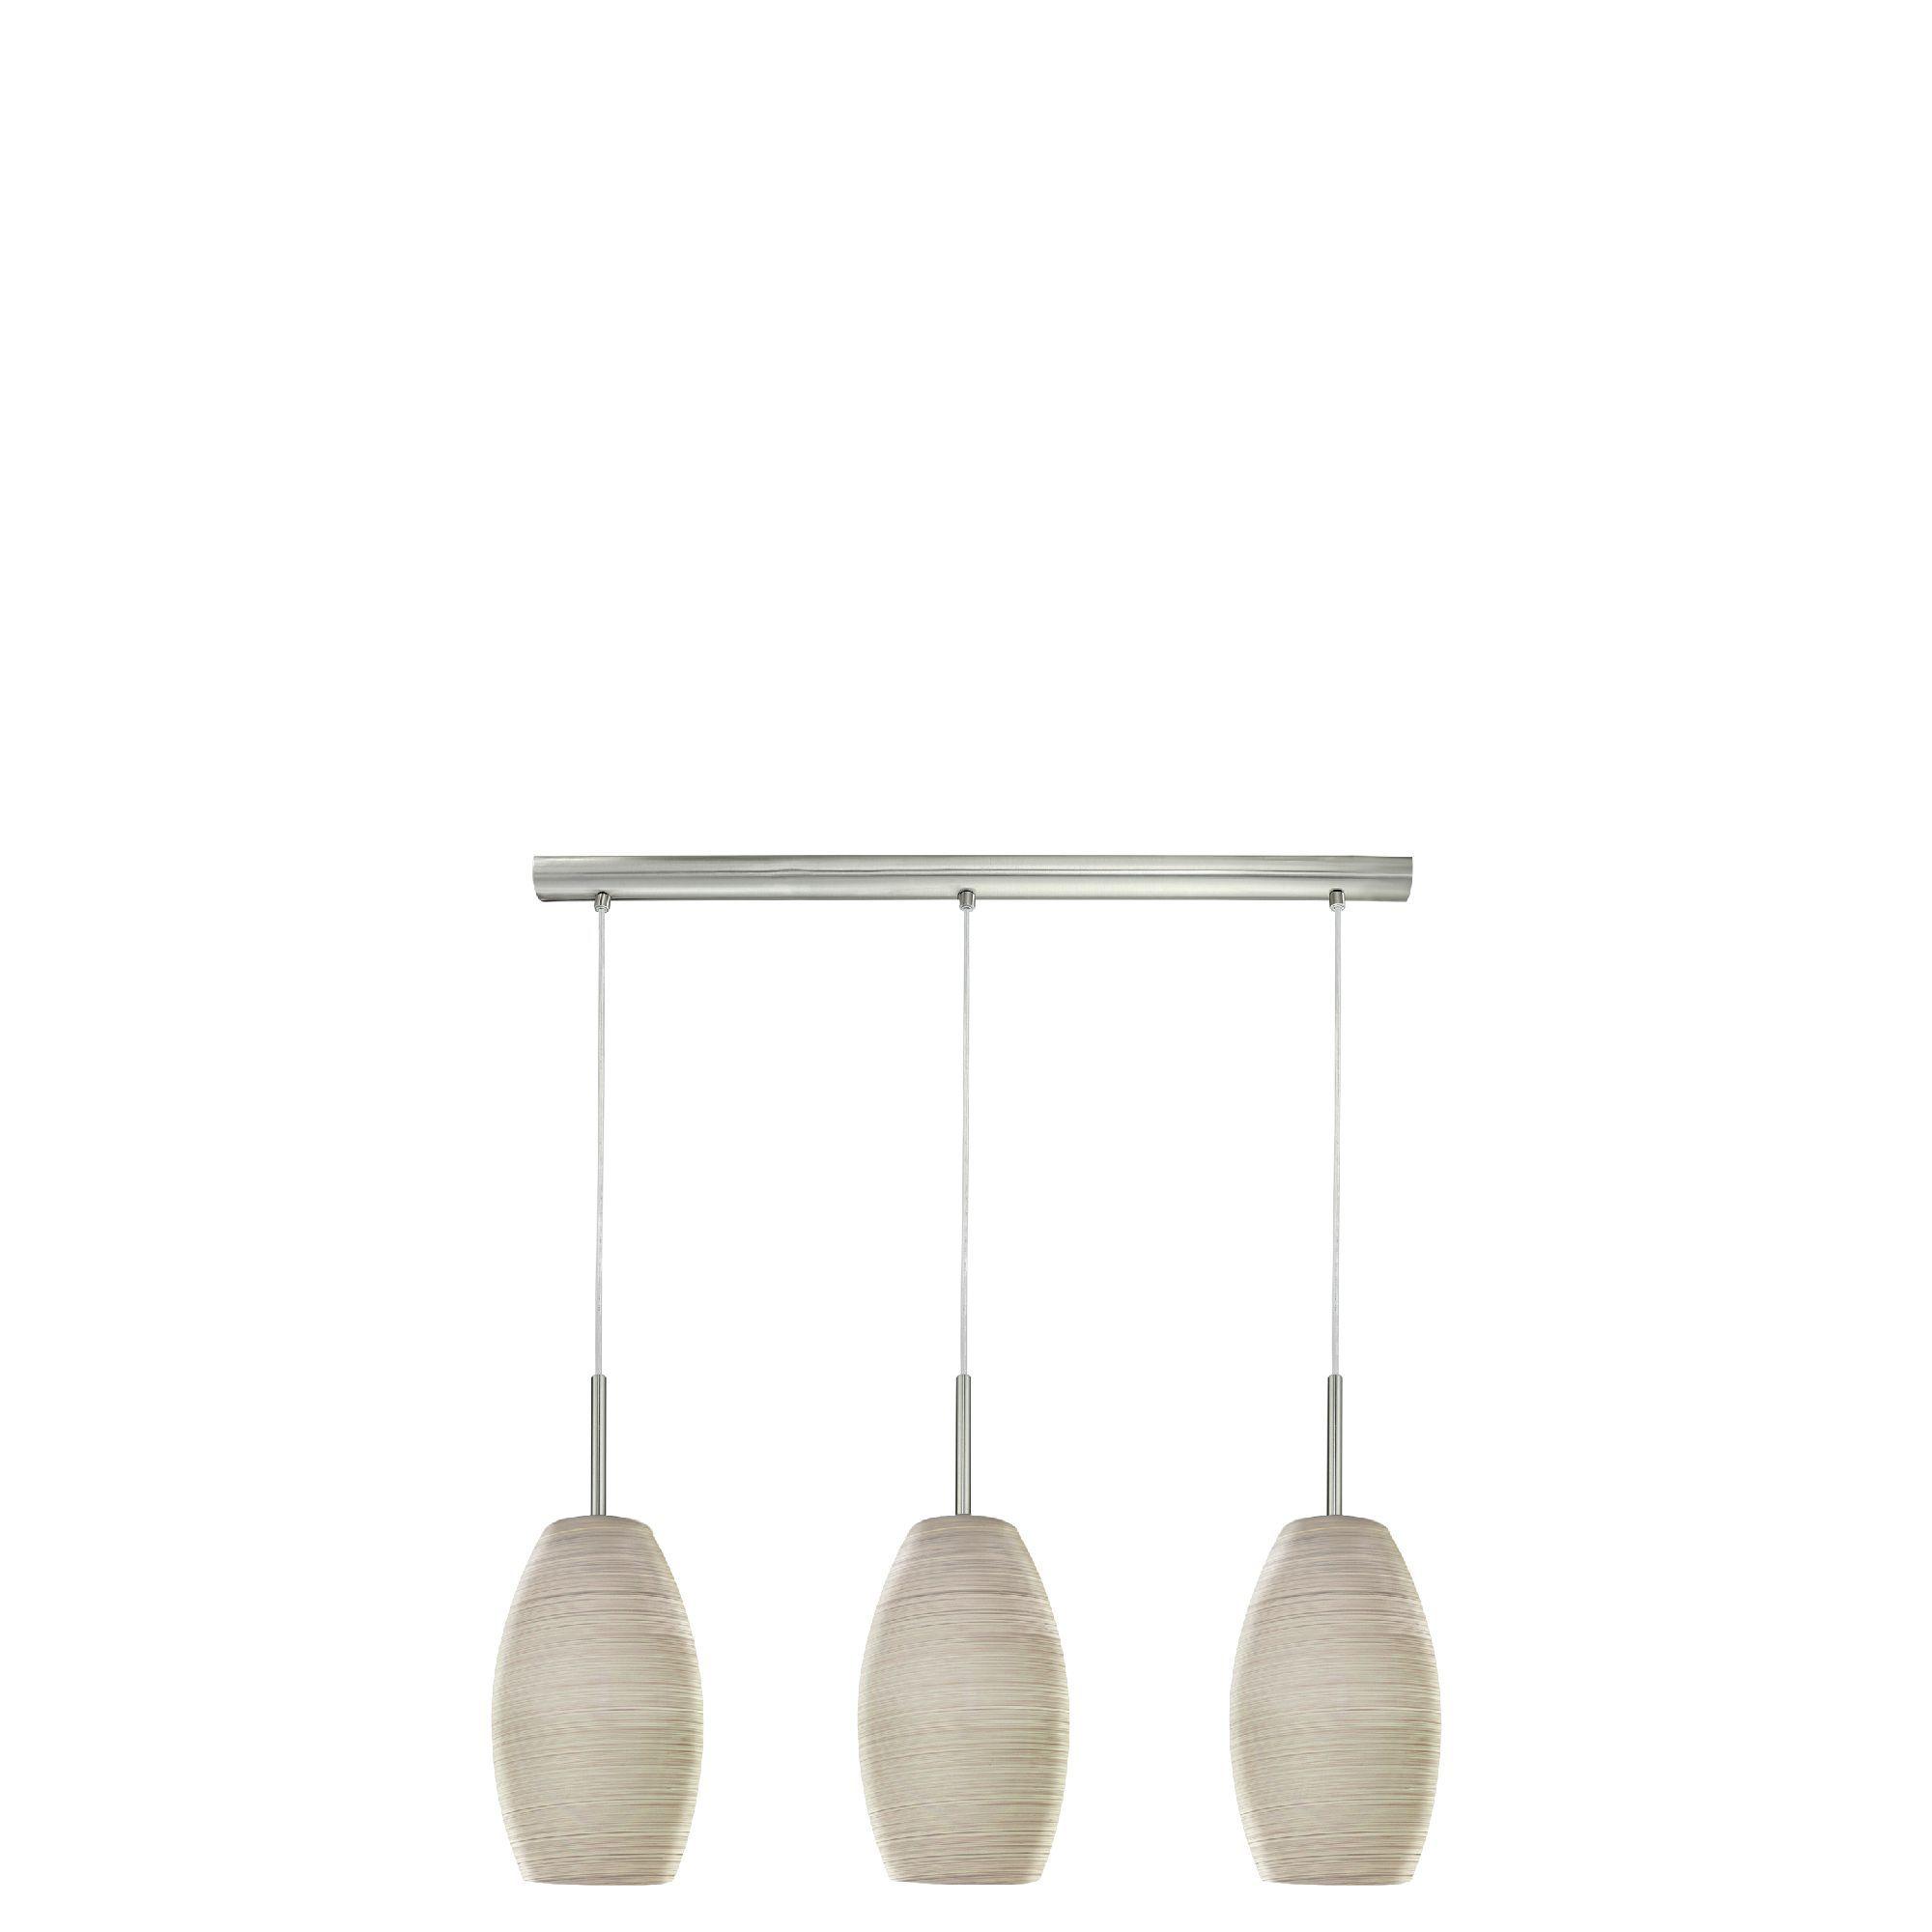 eglo verlichting 93189 led lampen. Black Bedroom Furniture Sets. Home Design Ideas